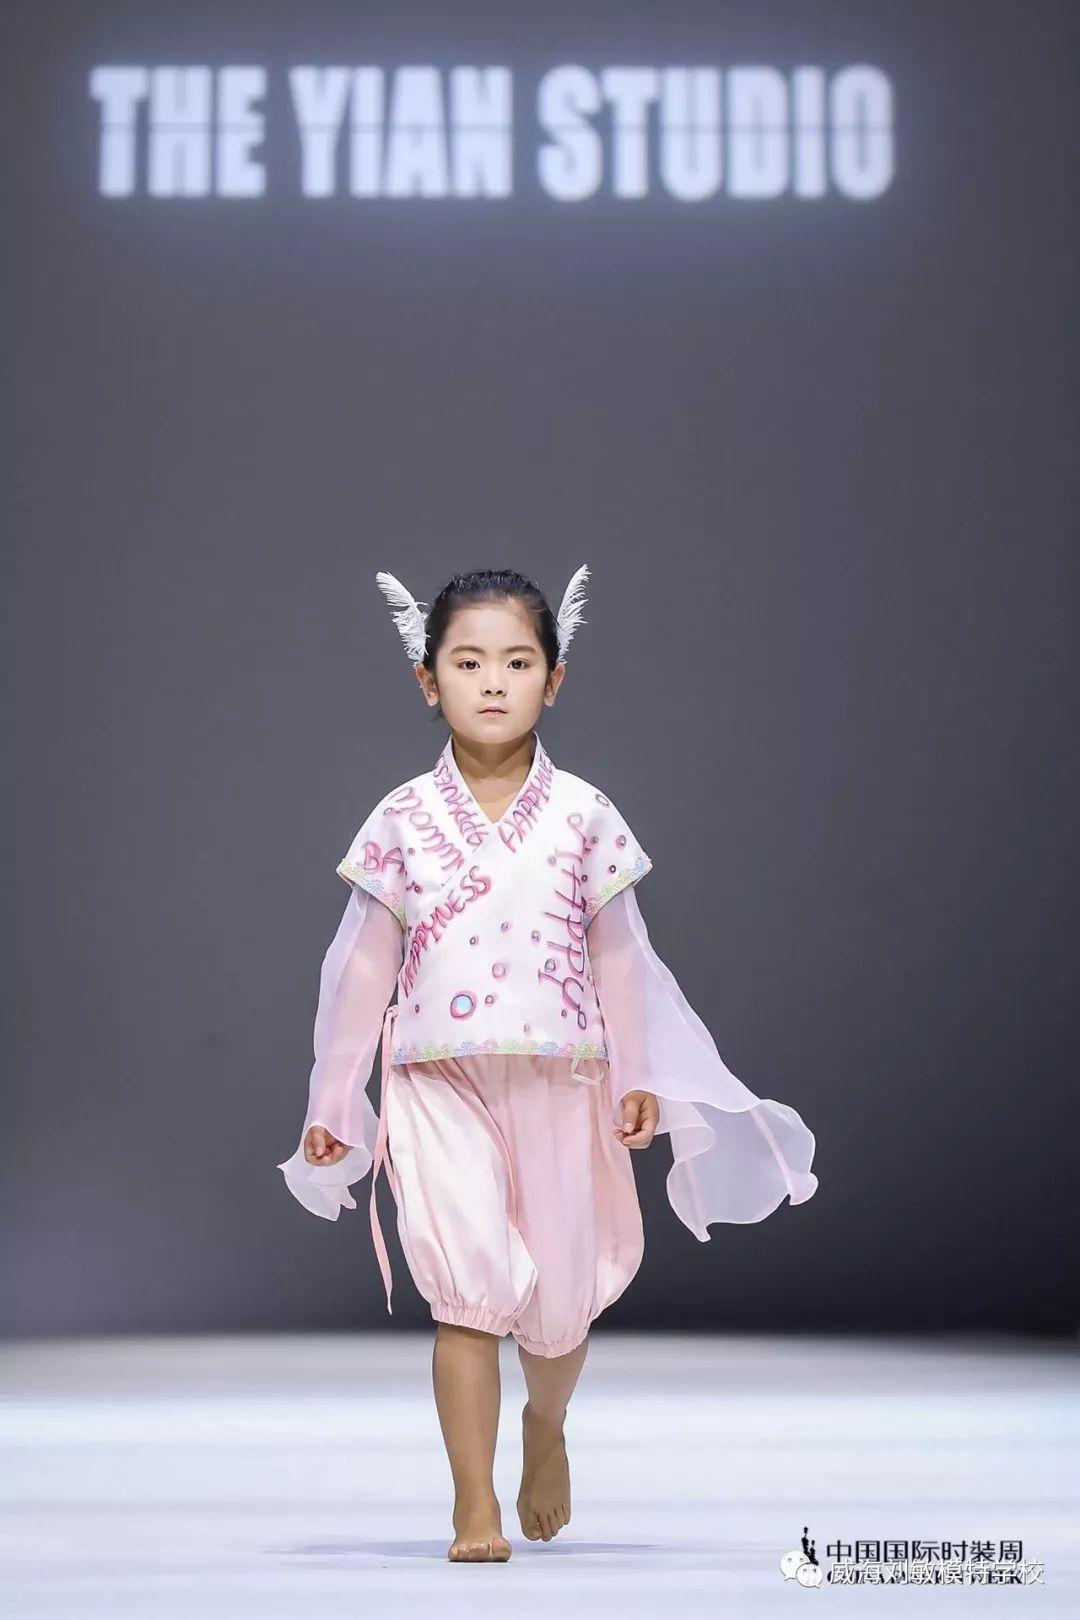 【刘敏模特&少儿形体矫正】孩子弯腰驼背?坐没坐相,站